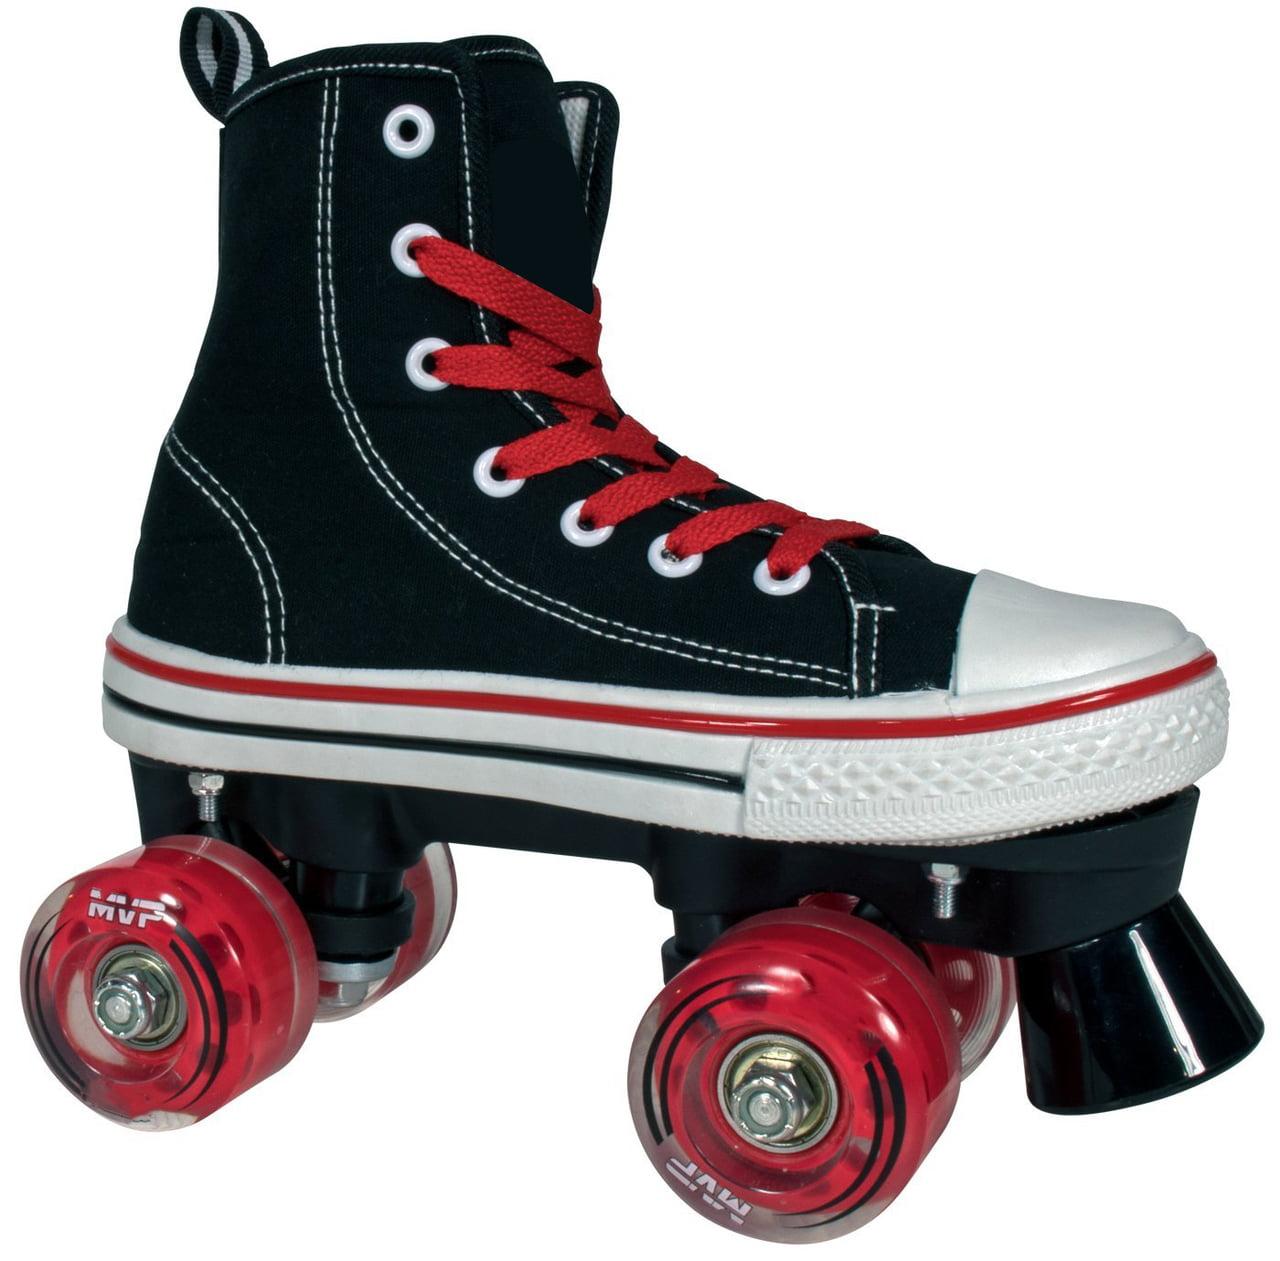 shoe skates at walmart